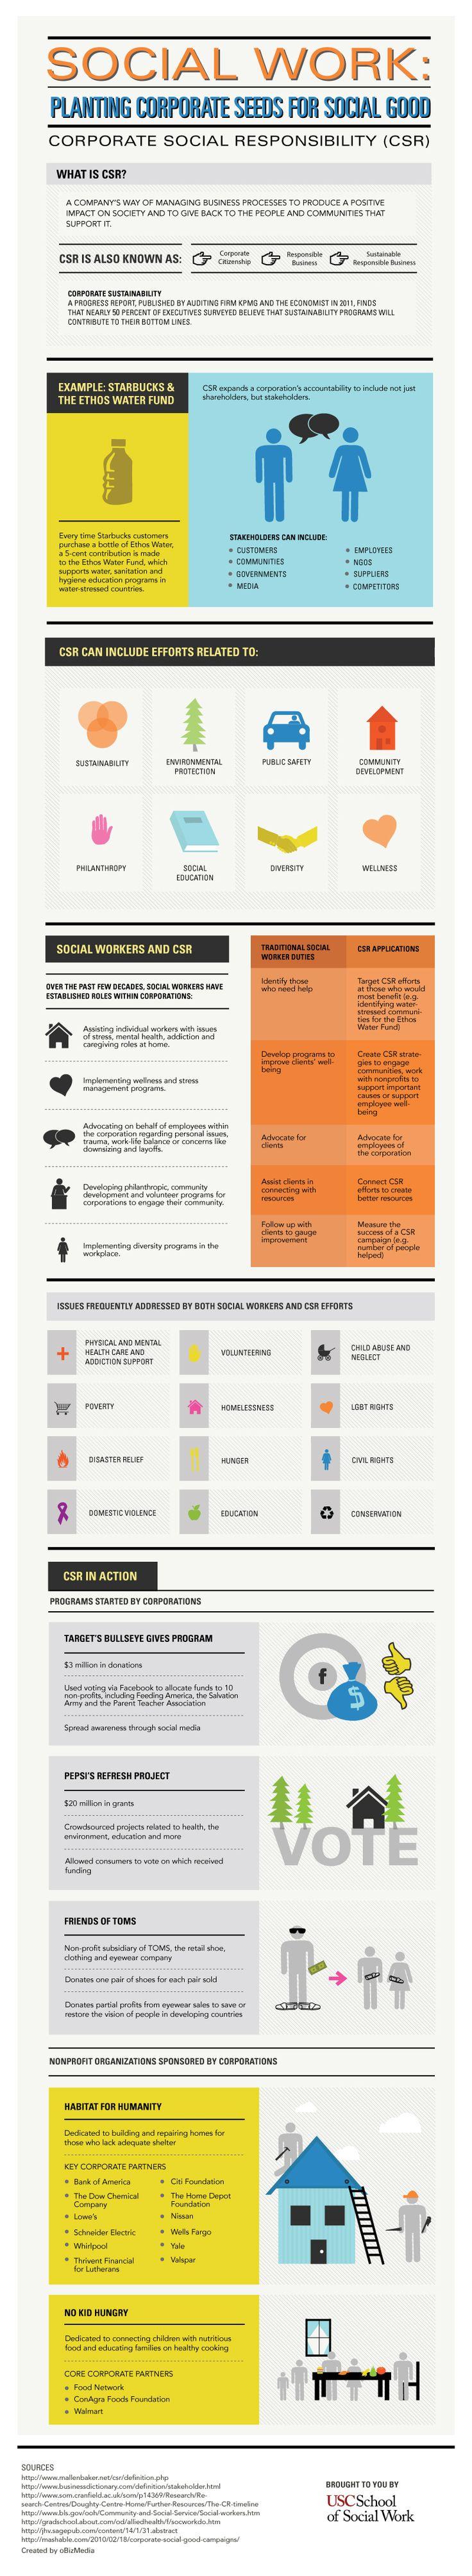 Responsabilidad Social Corporativa #infografia #infographic